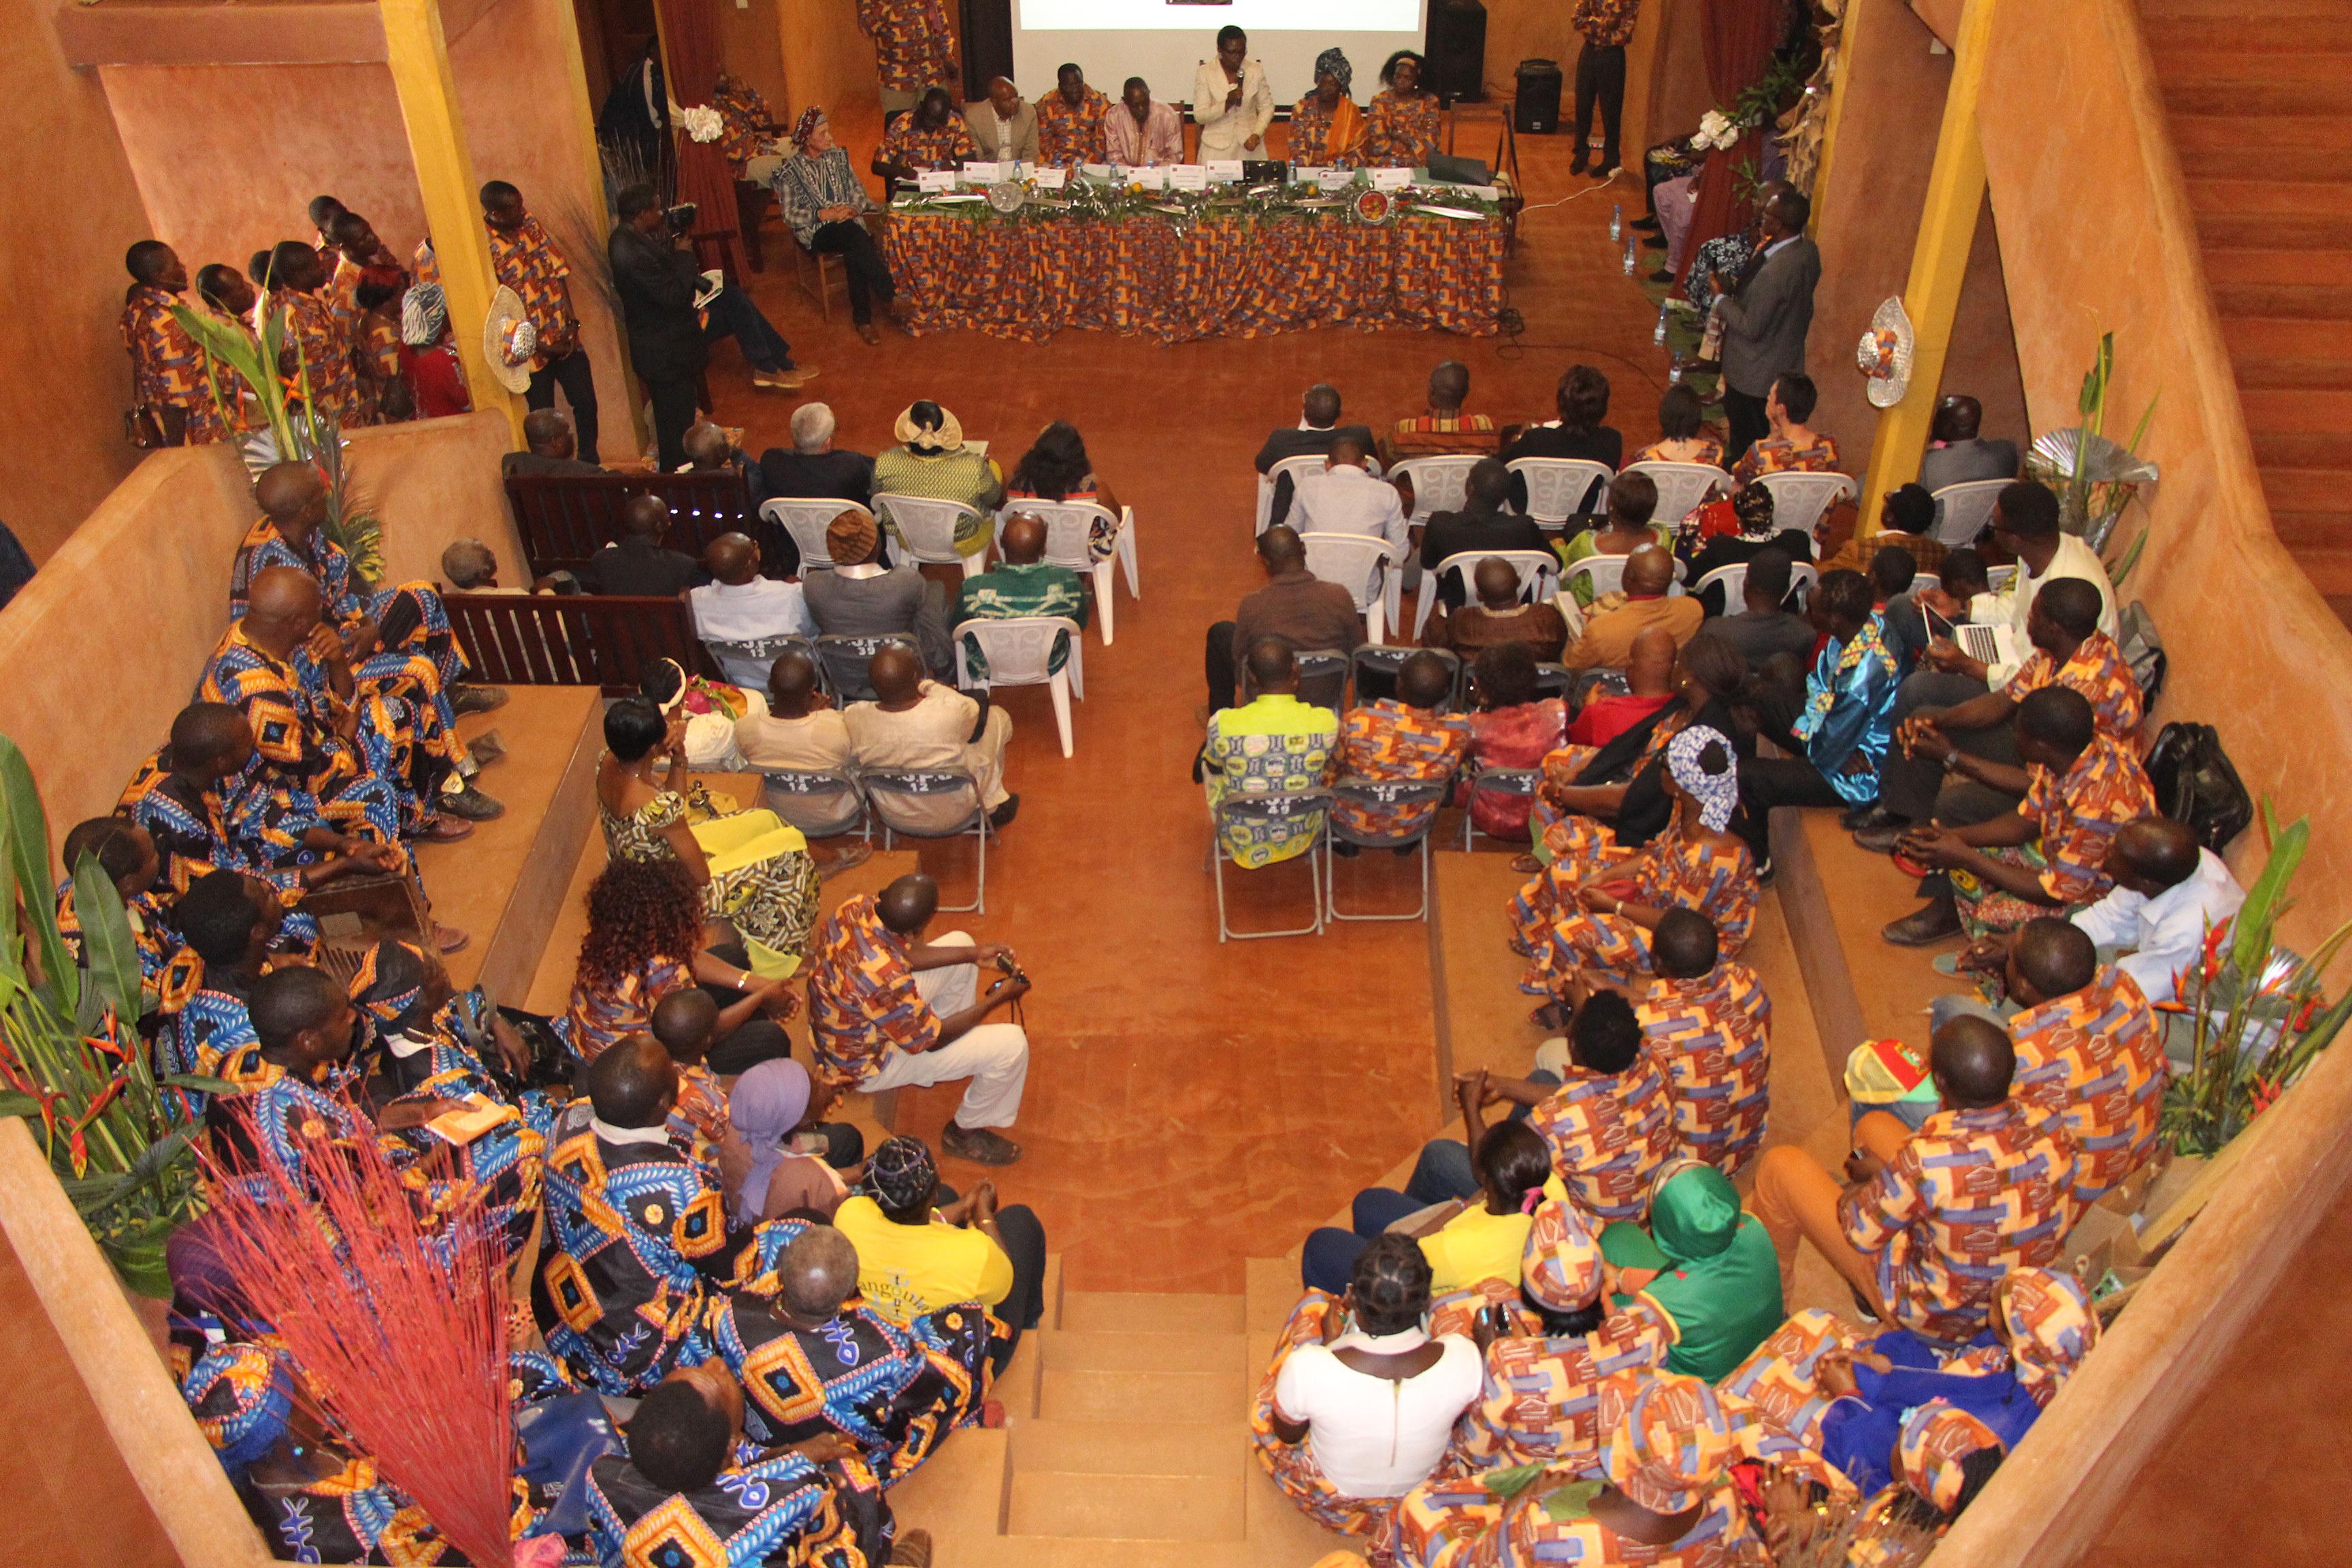 Semaine culturelle autour de l'assemblée générale de la fondation